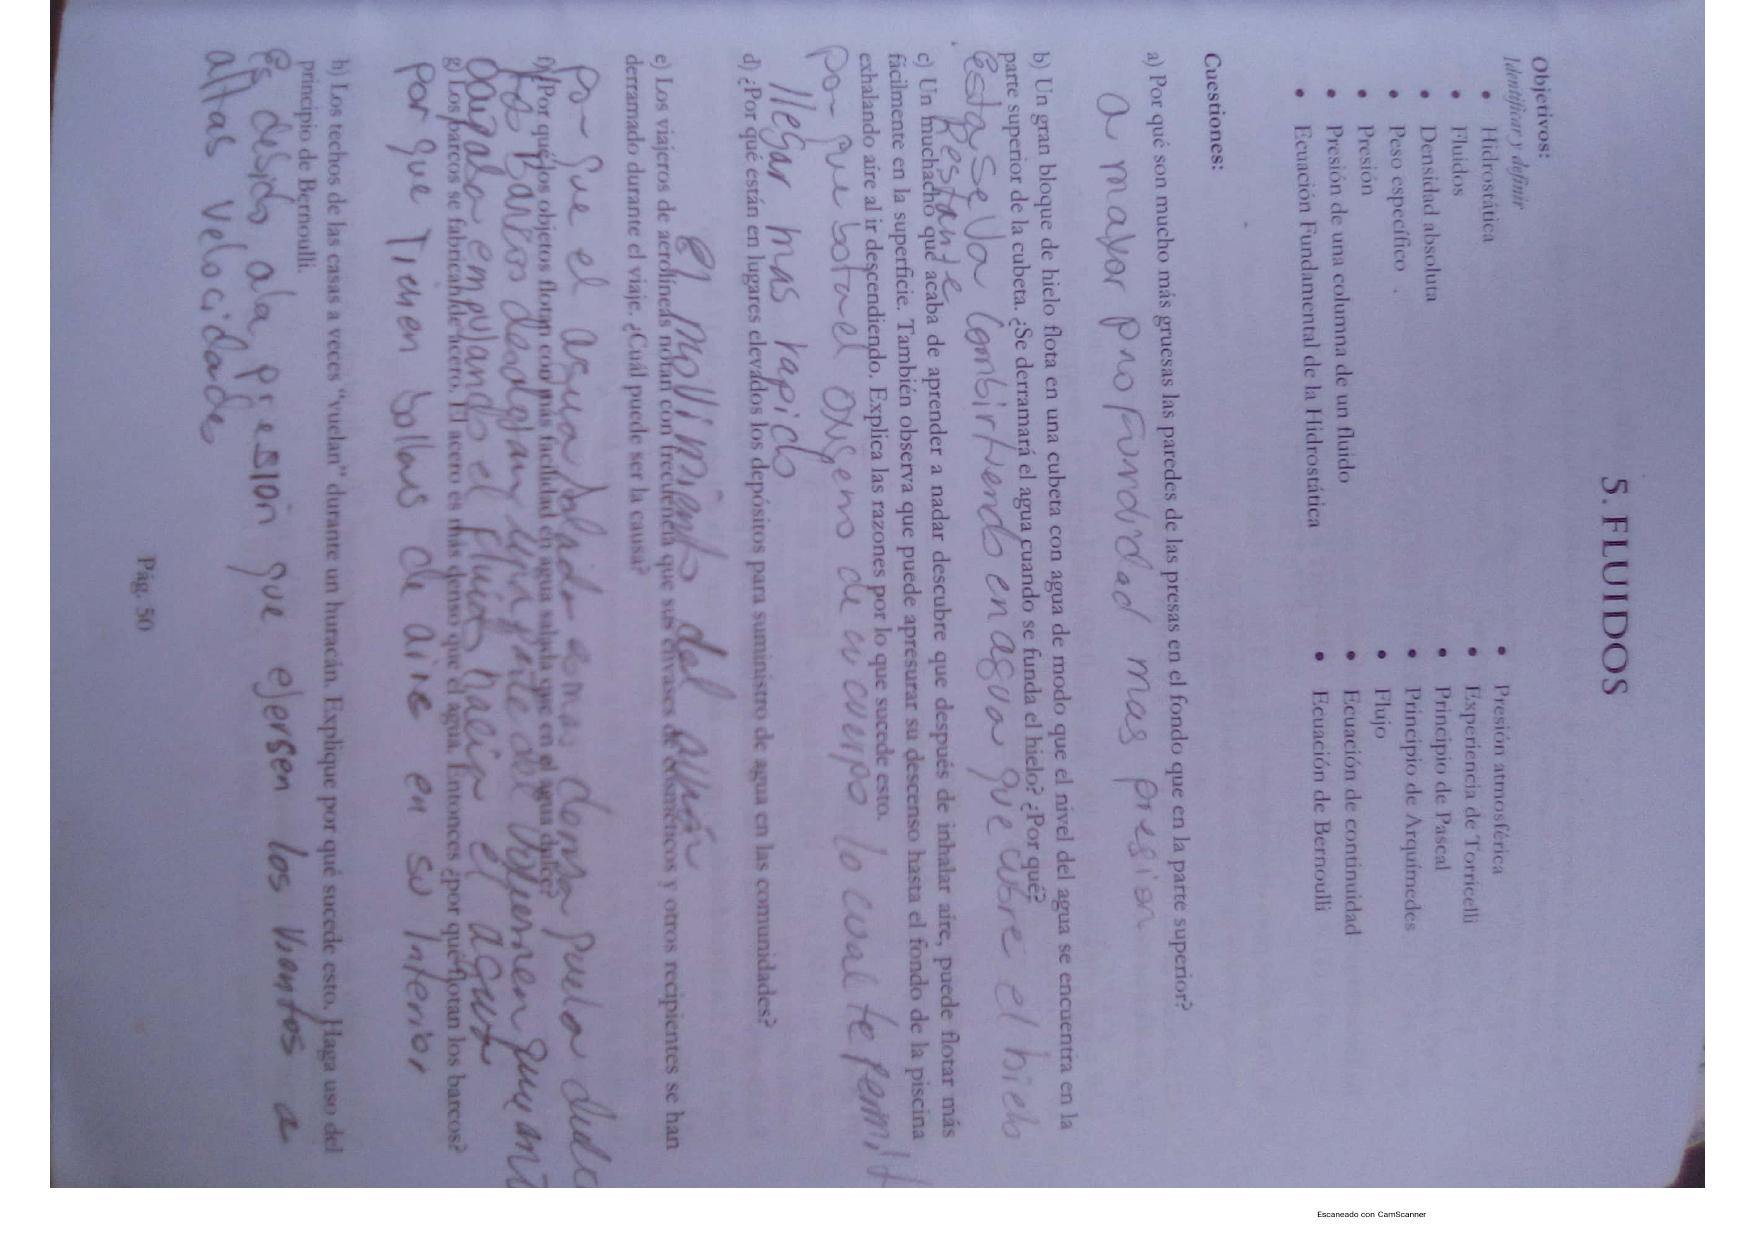 cuaderno-de-trabajo-f-sica-b-sica-page-0050